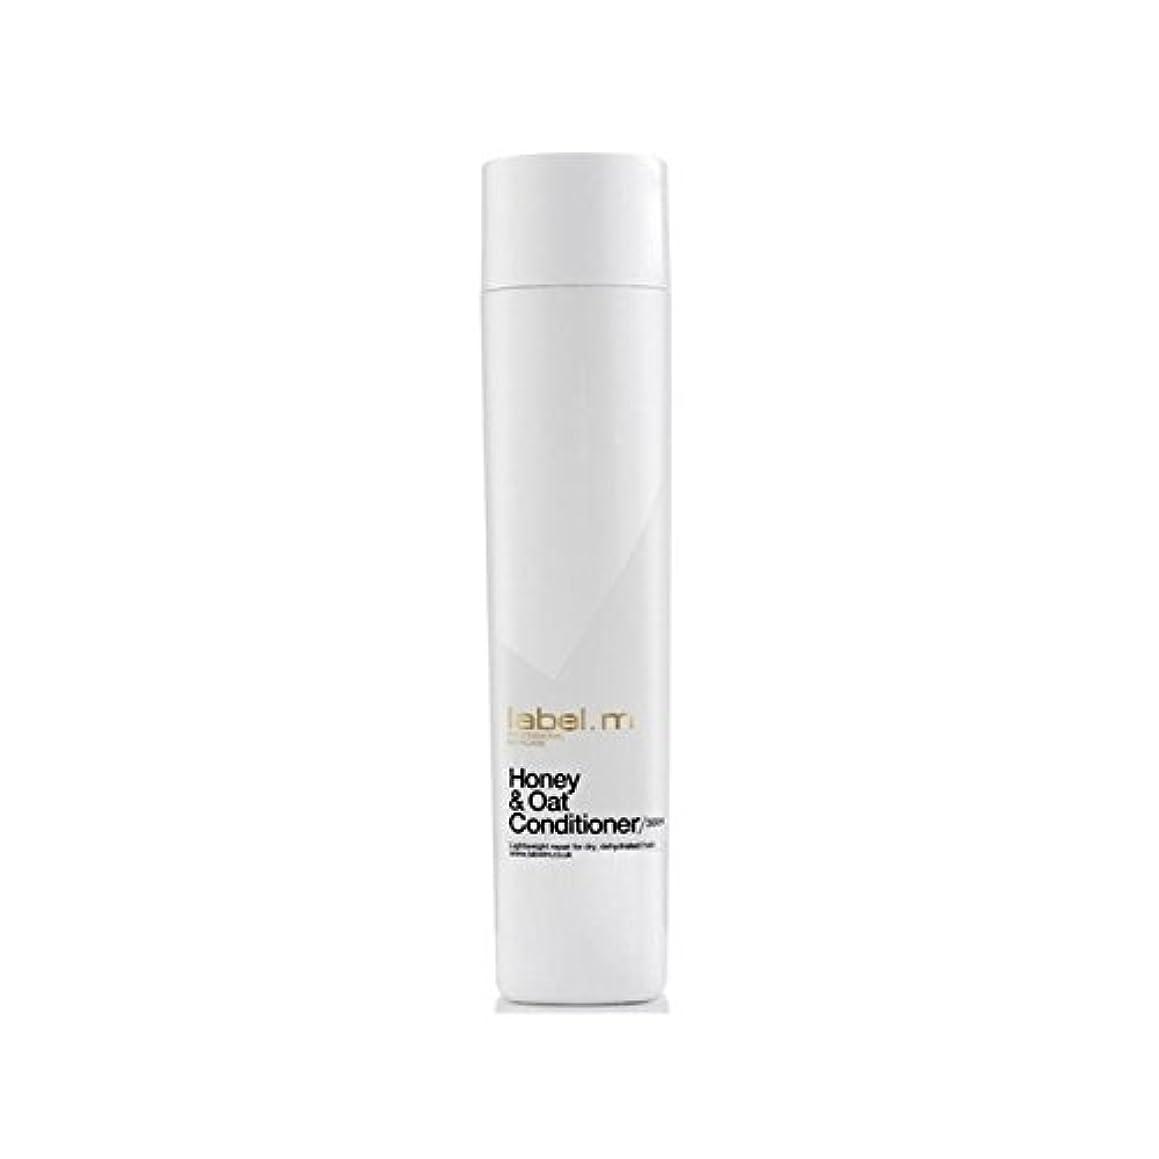 精神降臨全員.ハニー&オーツ麦コンディショナー(300ミリリットル) x4 - Label.M Honey & Oat Conditioner (300ml) (Pack of 4) [並行輸入品]